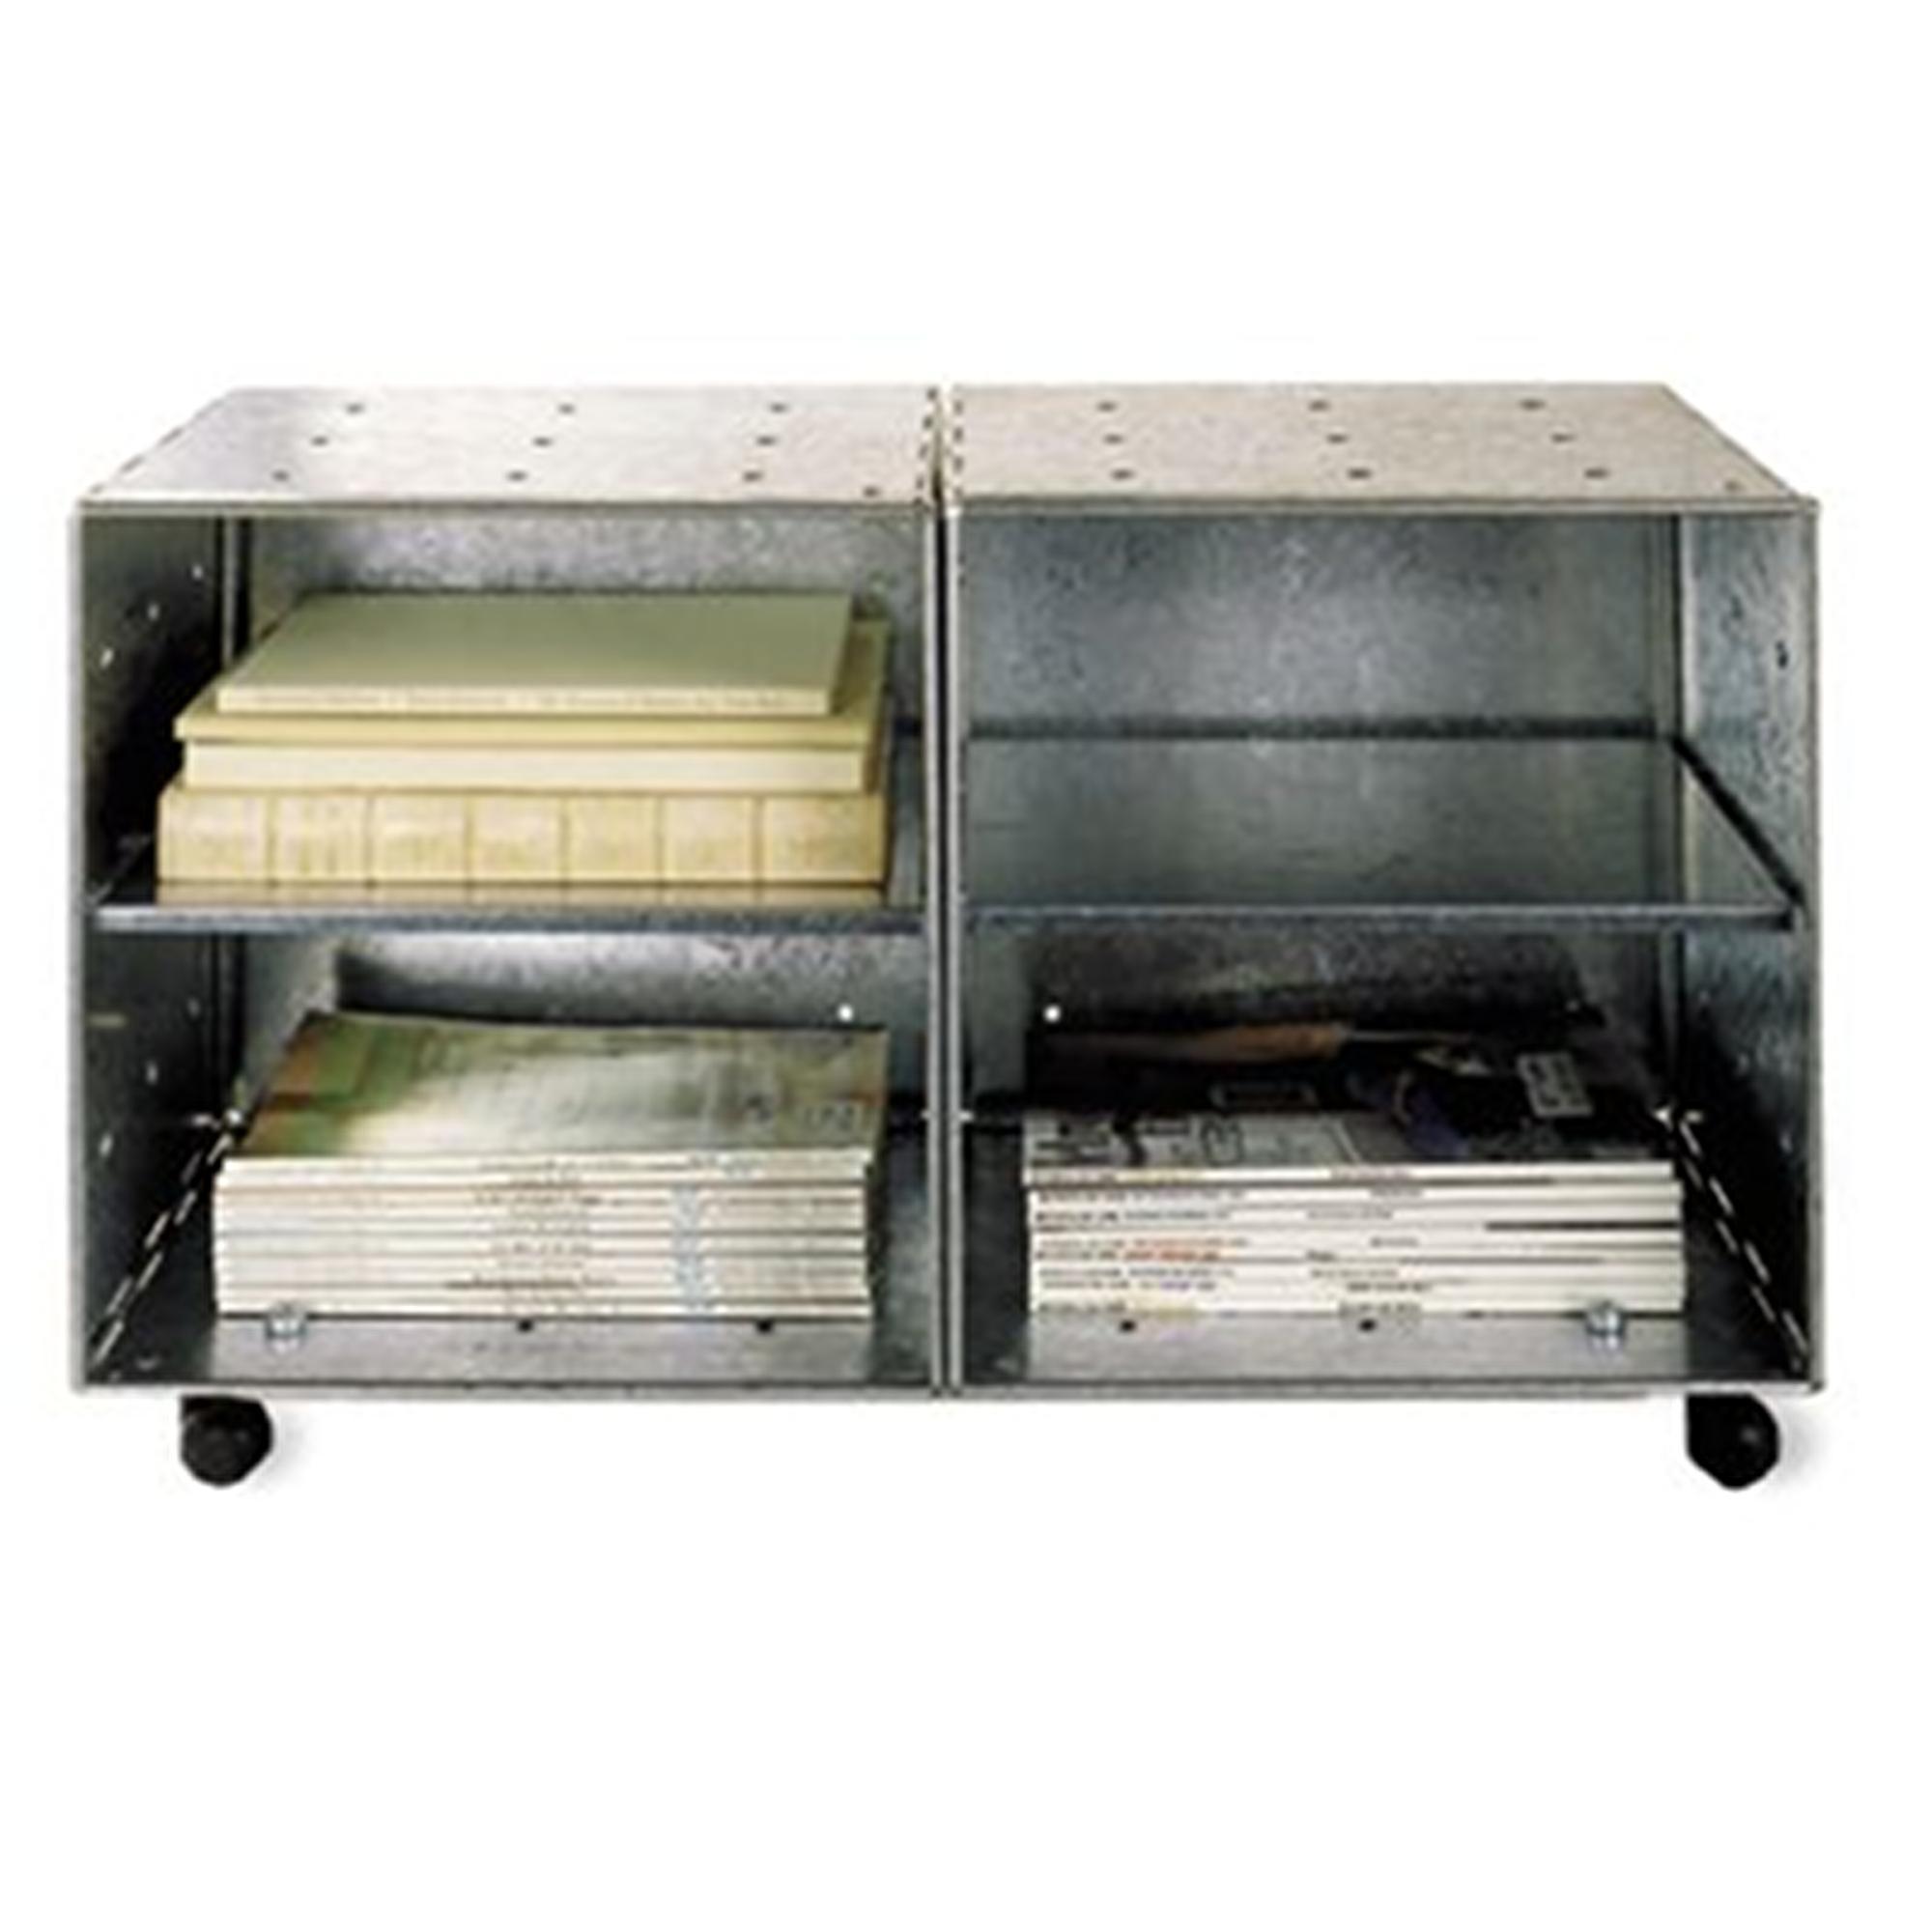 Mobile basso Libreria Bagno o Cucina Studio QBO 2 Moduli 70x35xh42h cm con Ruote e Mensole in Alluminio